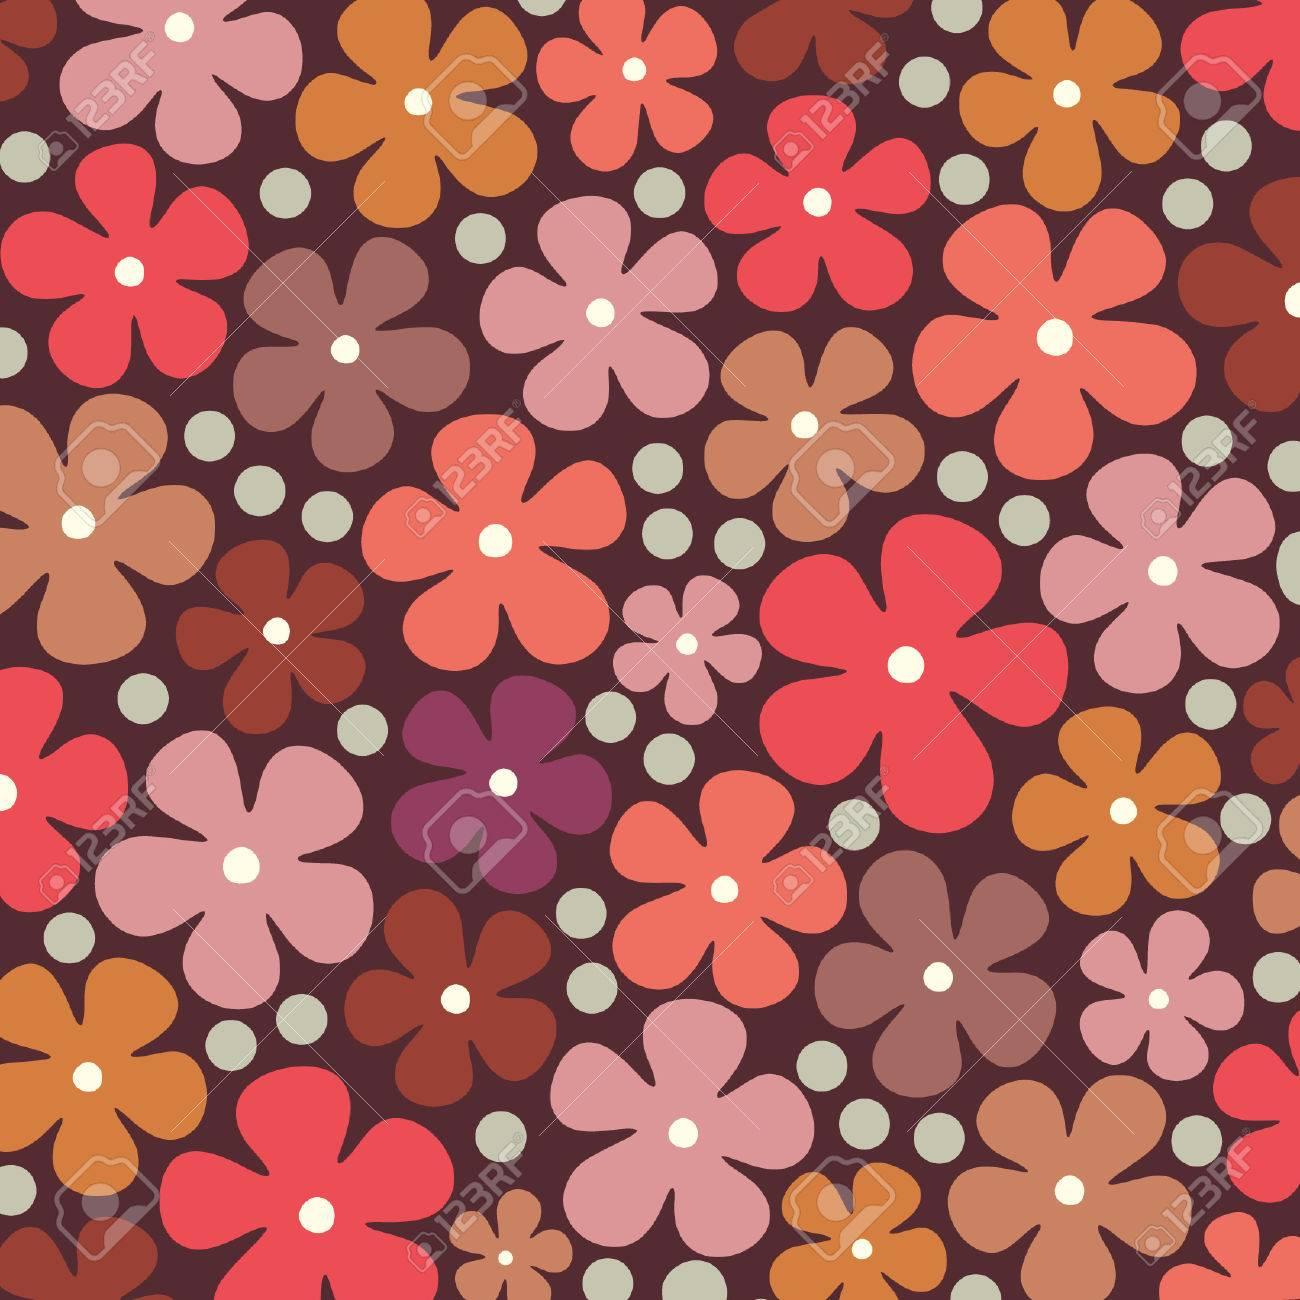 flower background design Stock Vector - 5844208